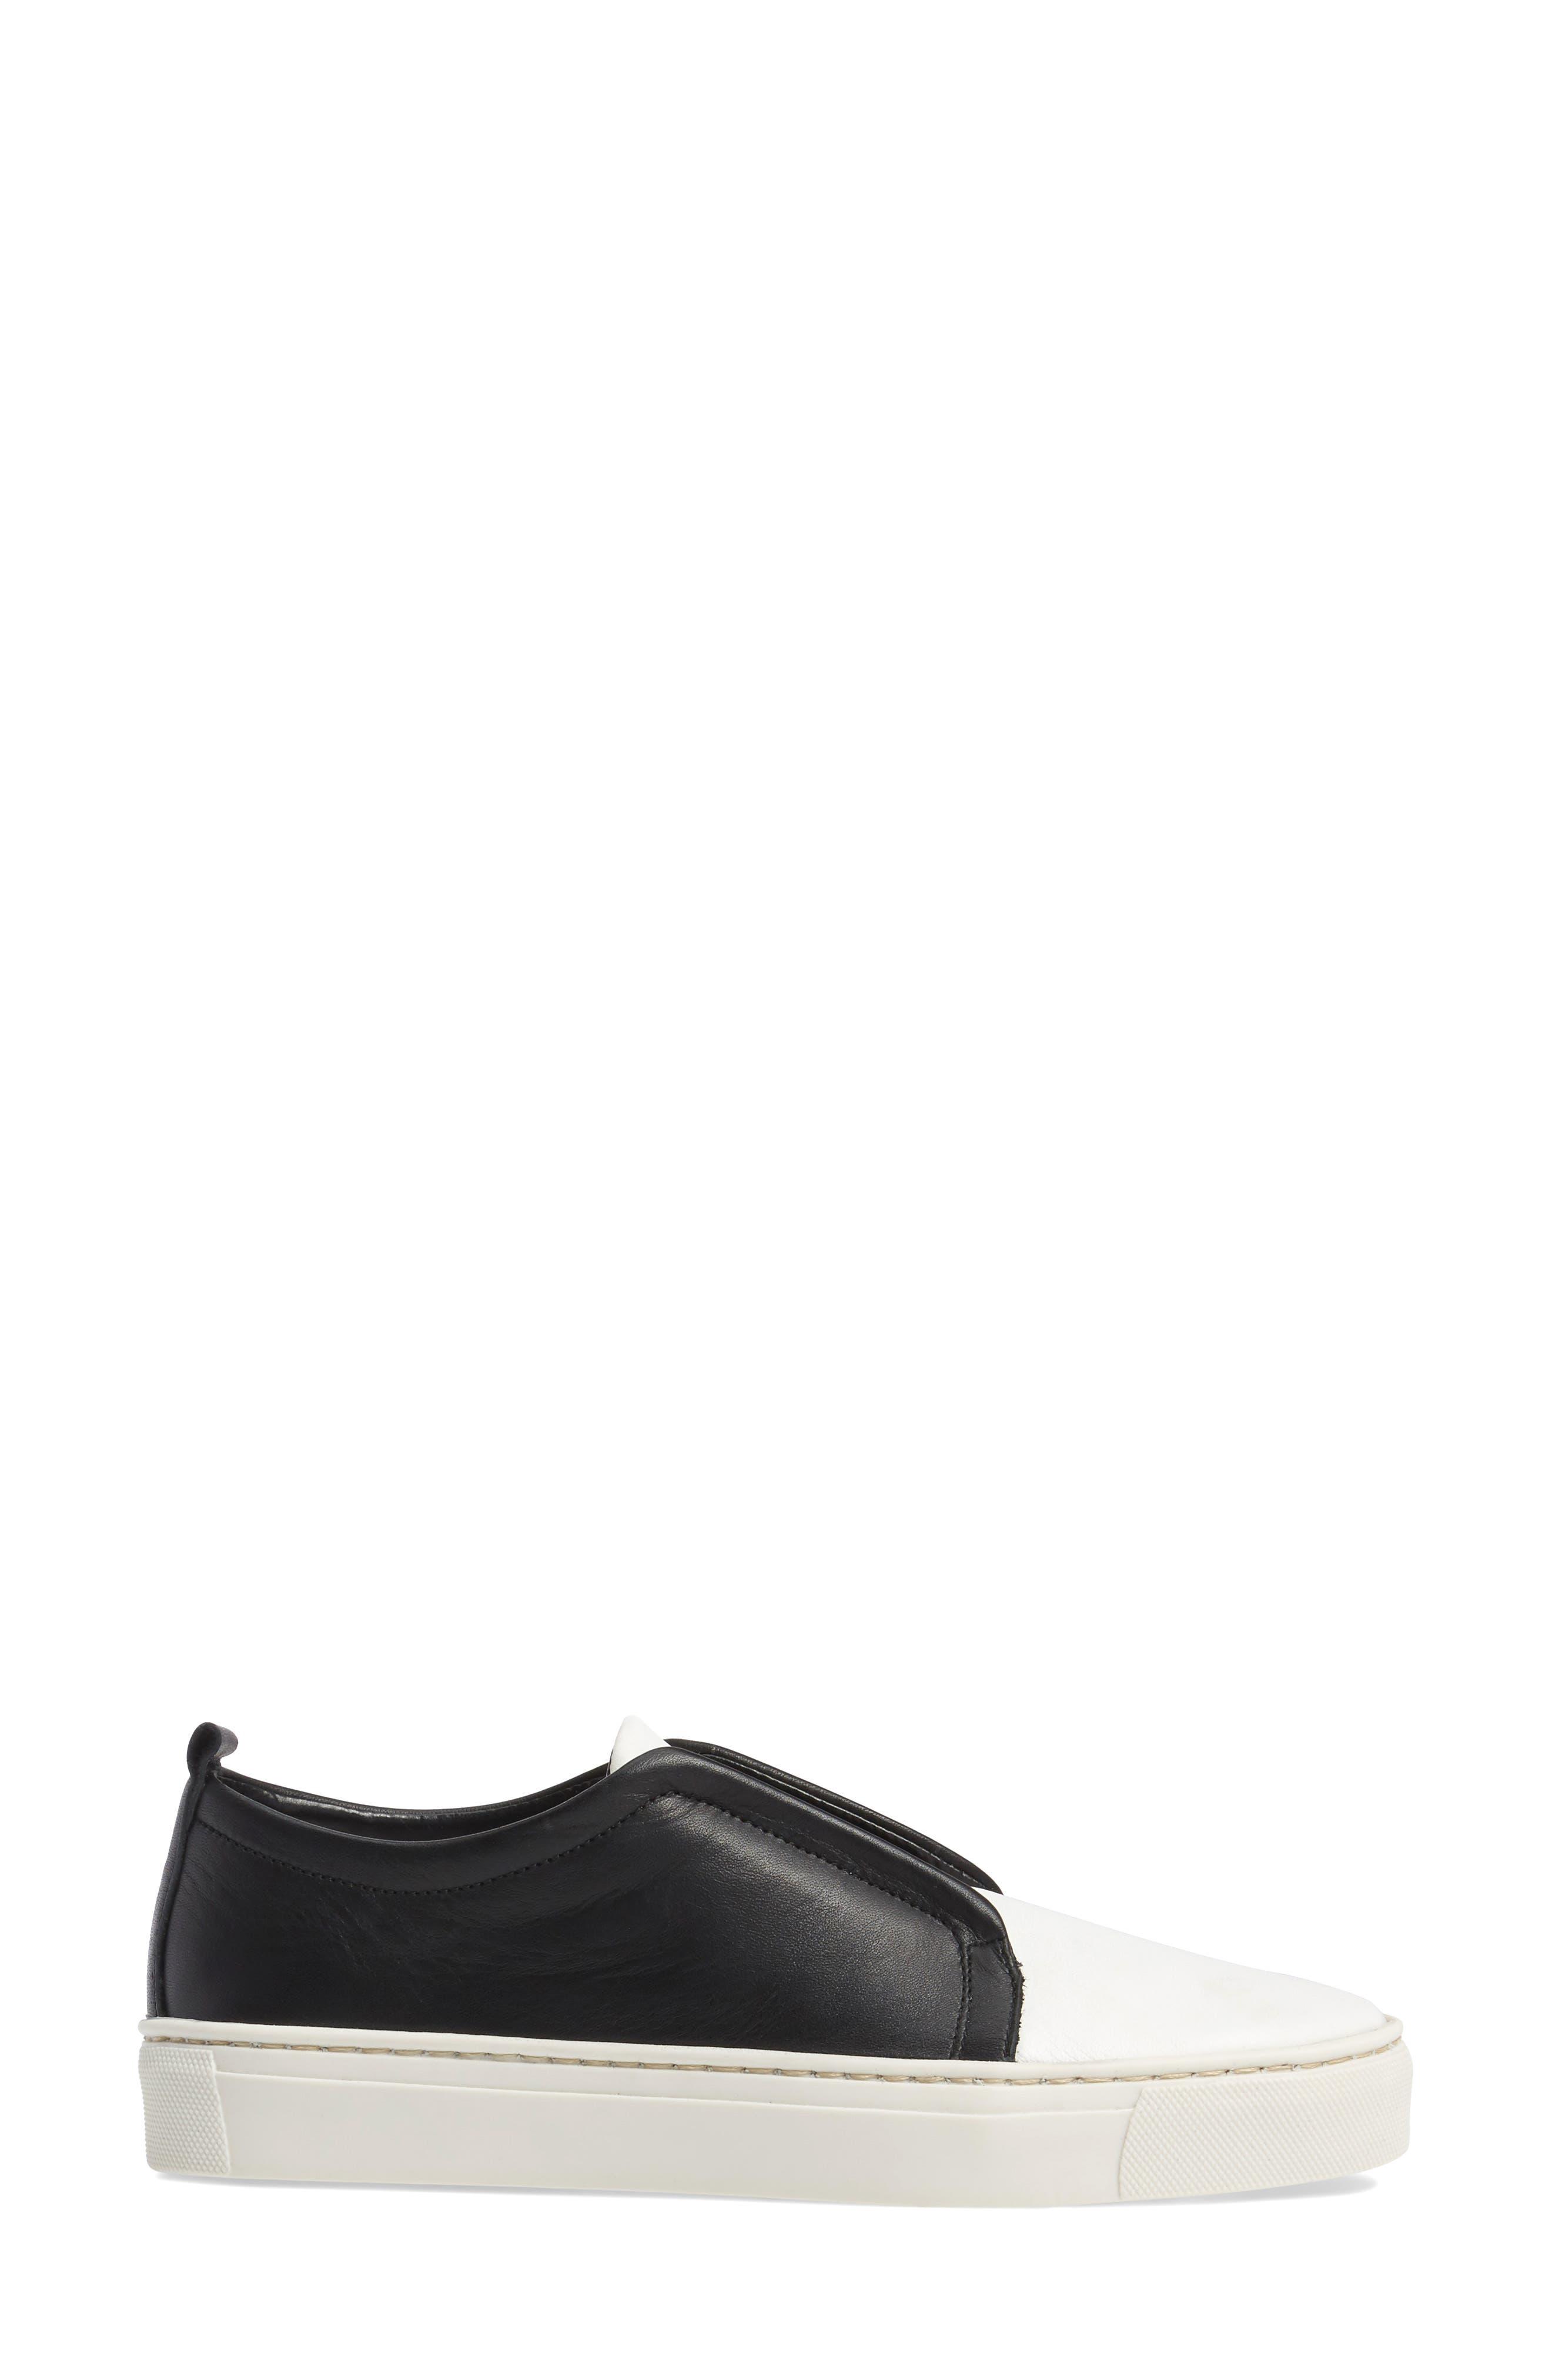 Rapture Slip-On Sneaker,                             Alternate thumbnail 9, color,